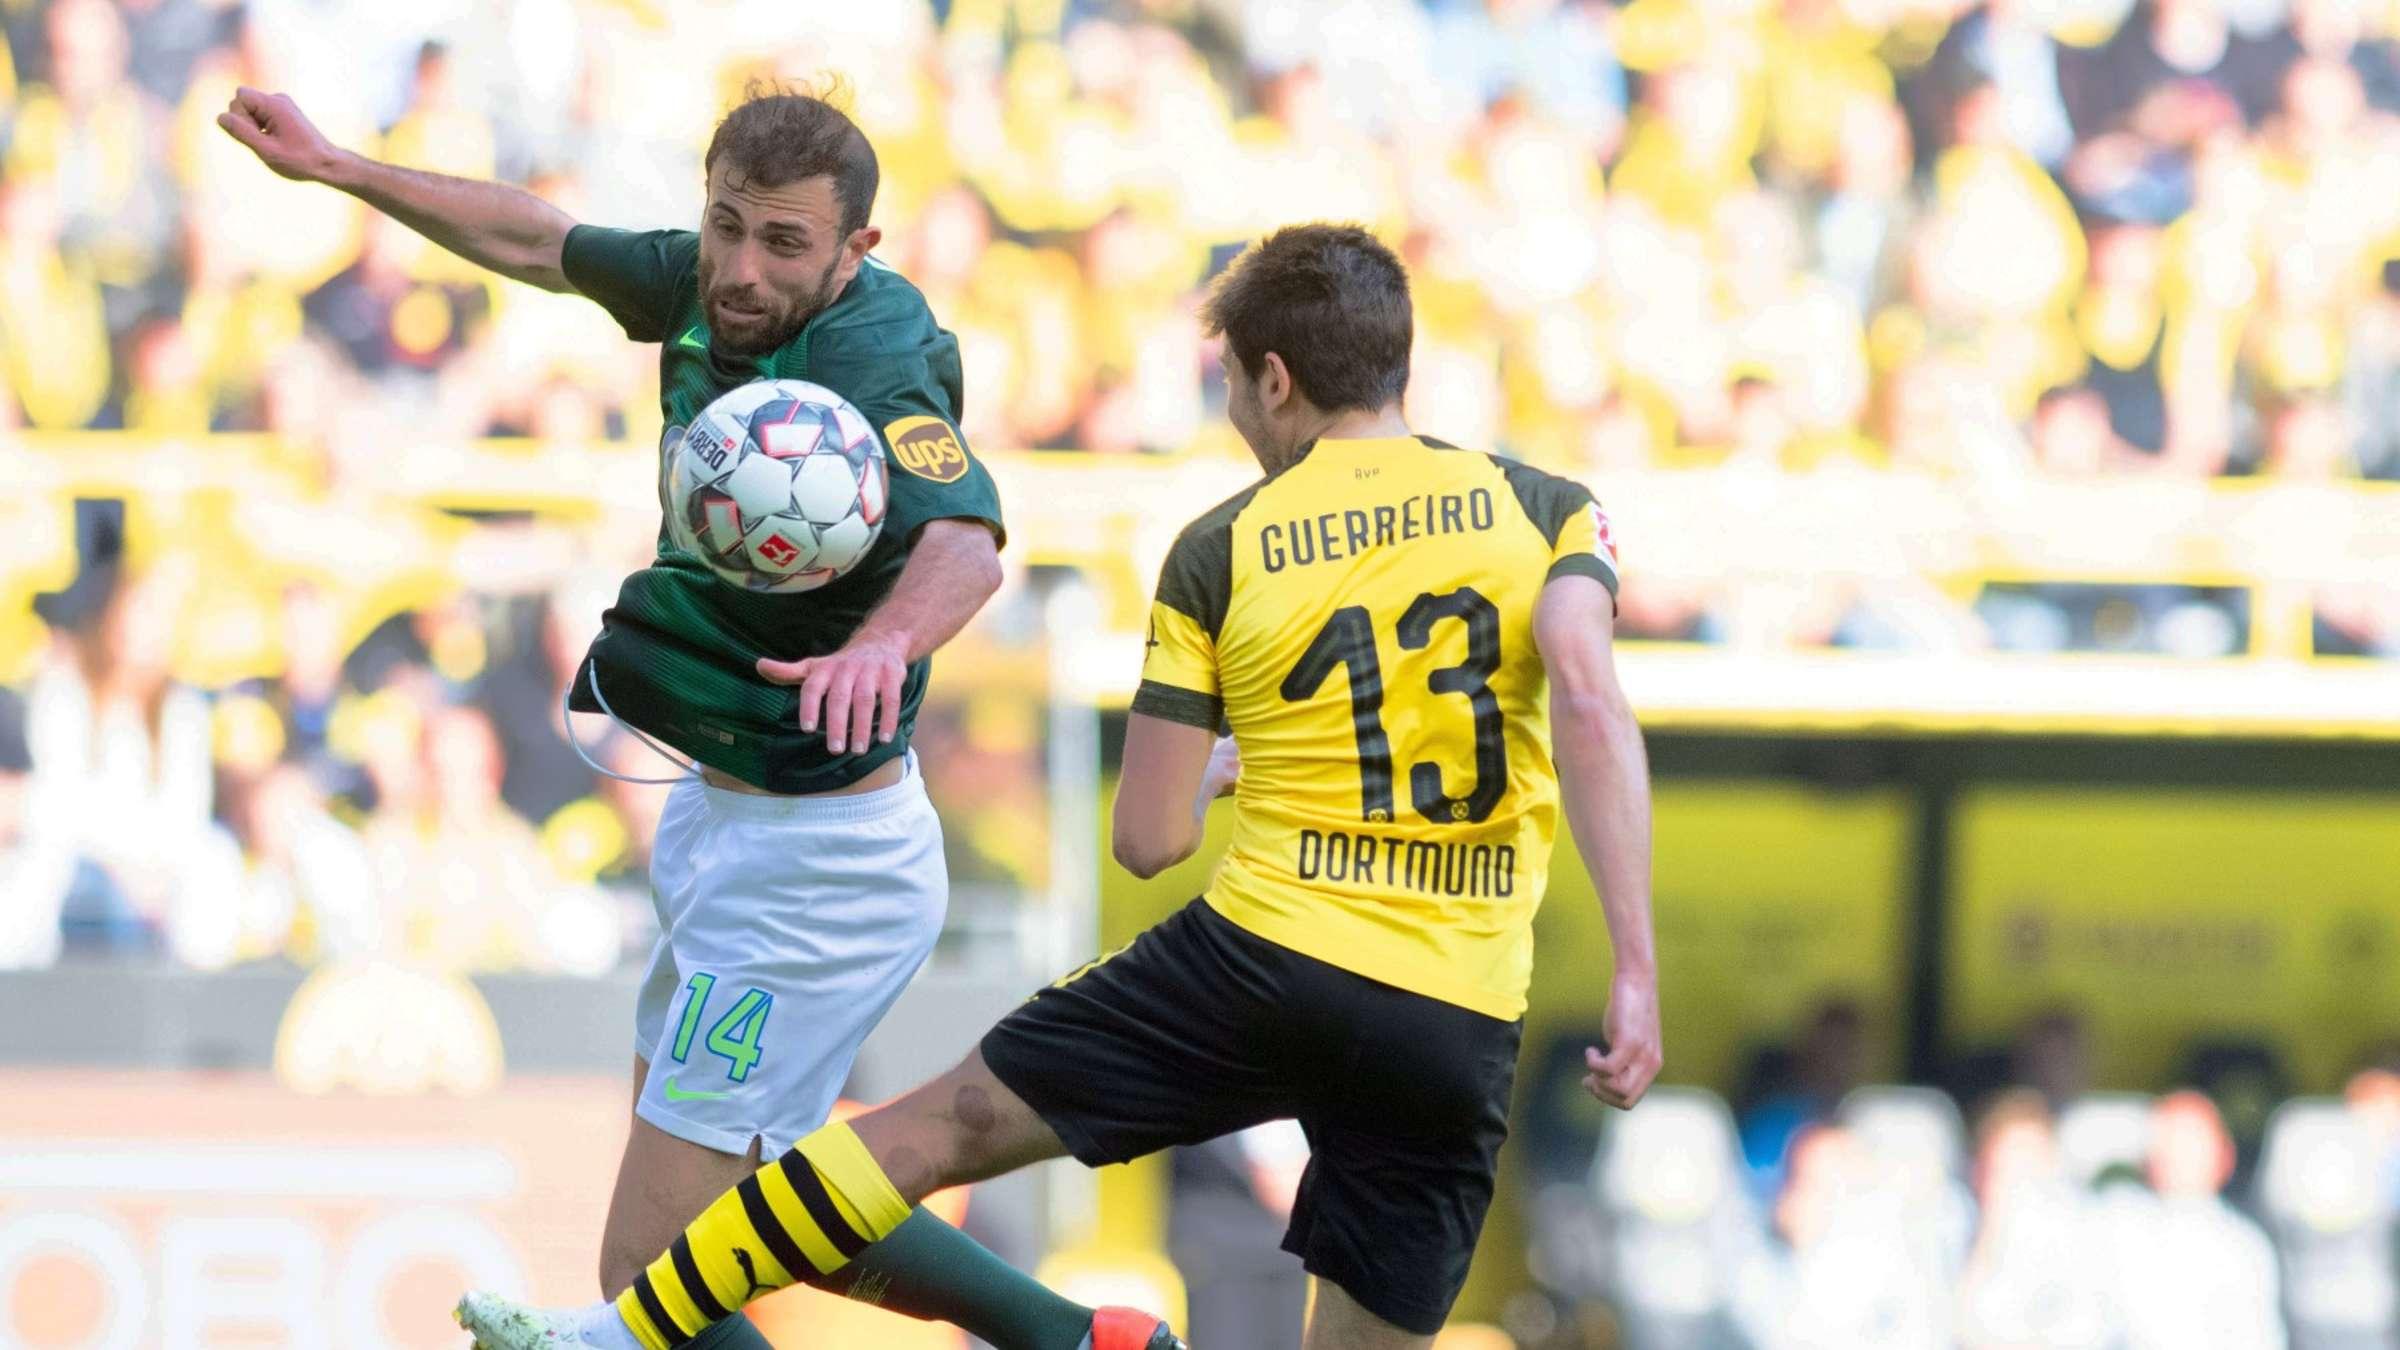 Bvb Ubertragung Borussia Dortmund Vfl Wolfsburg Live Im